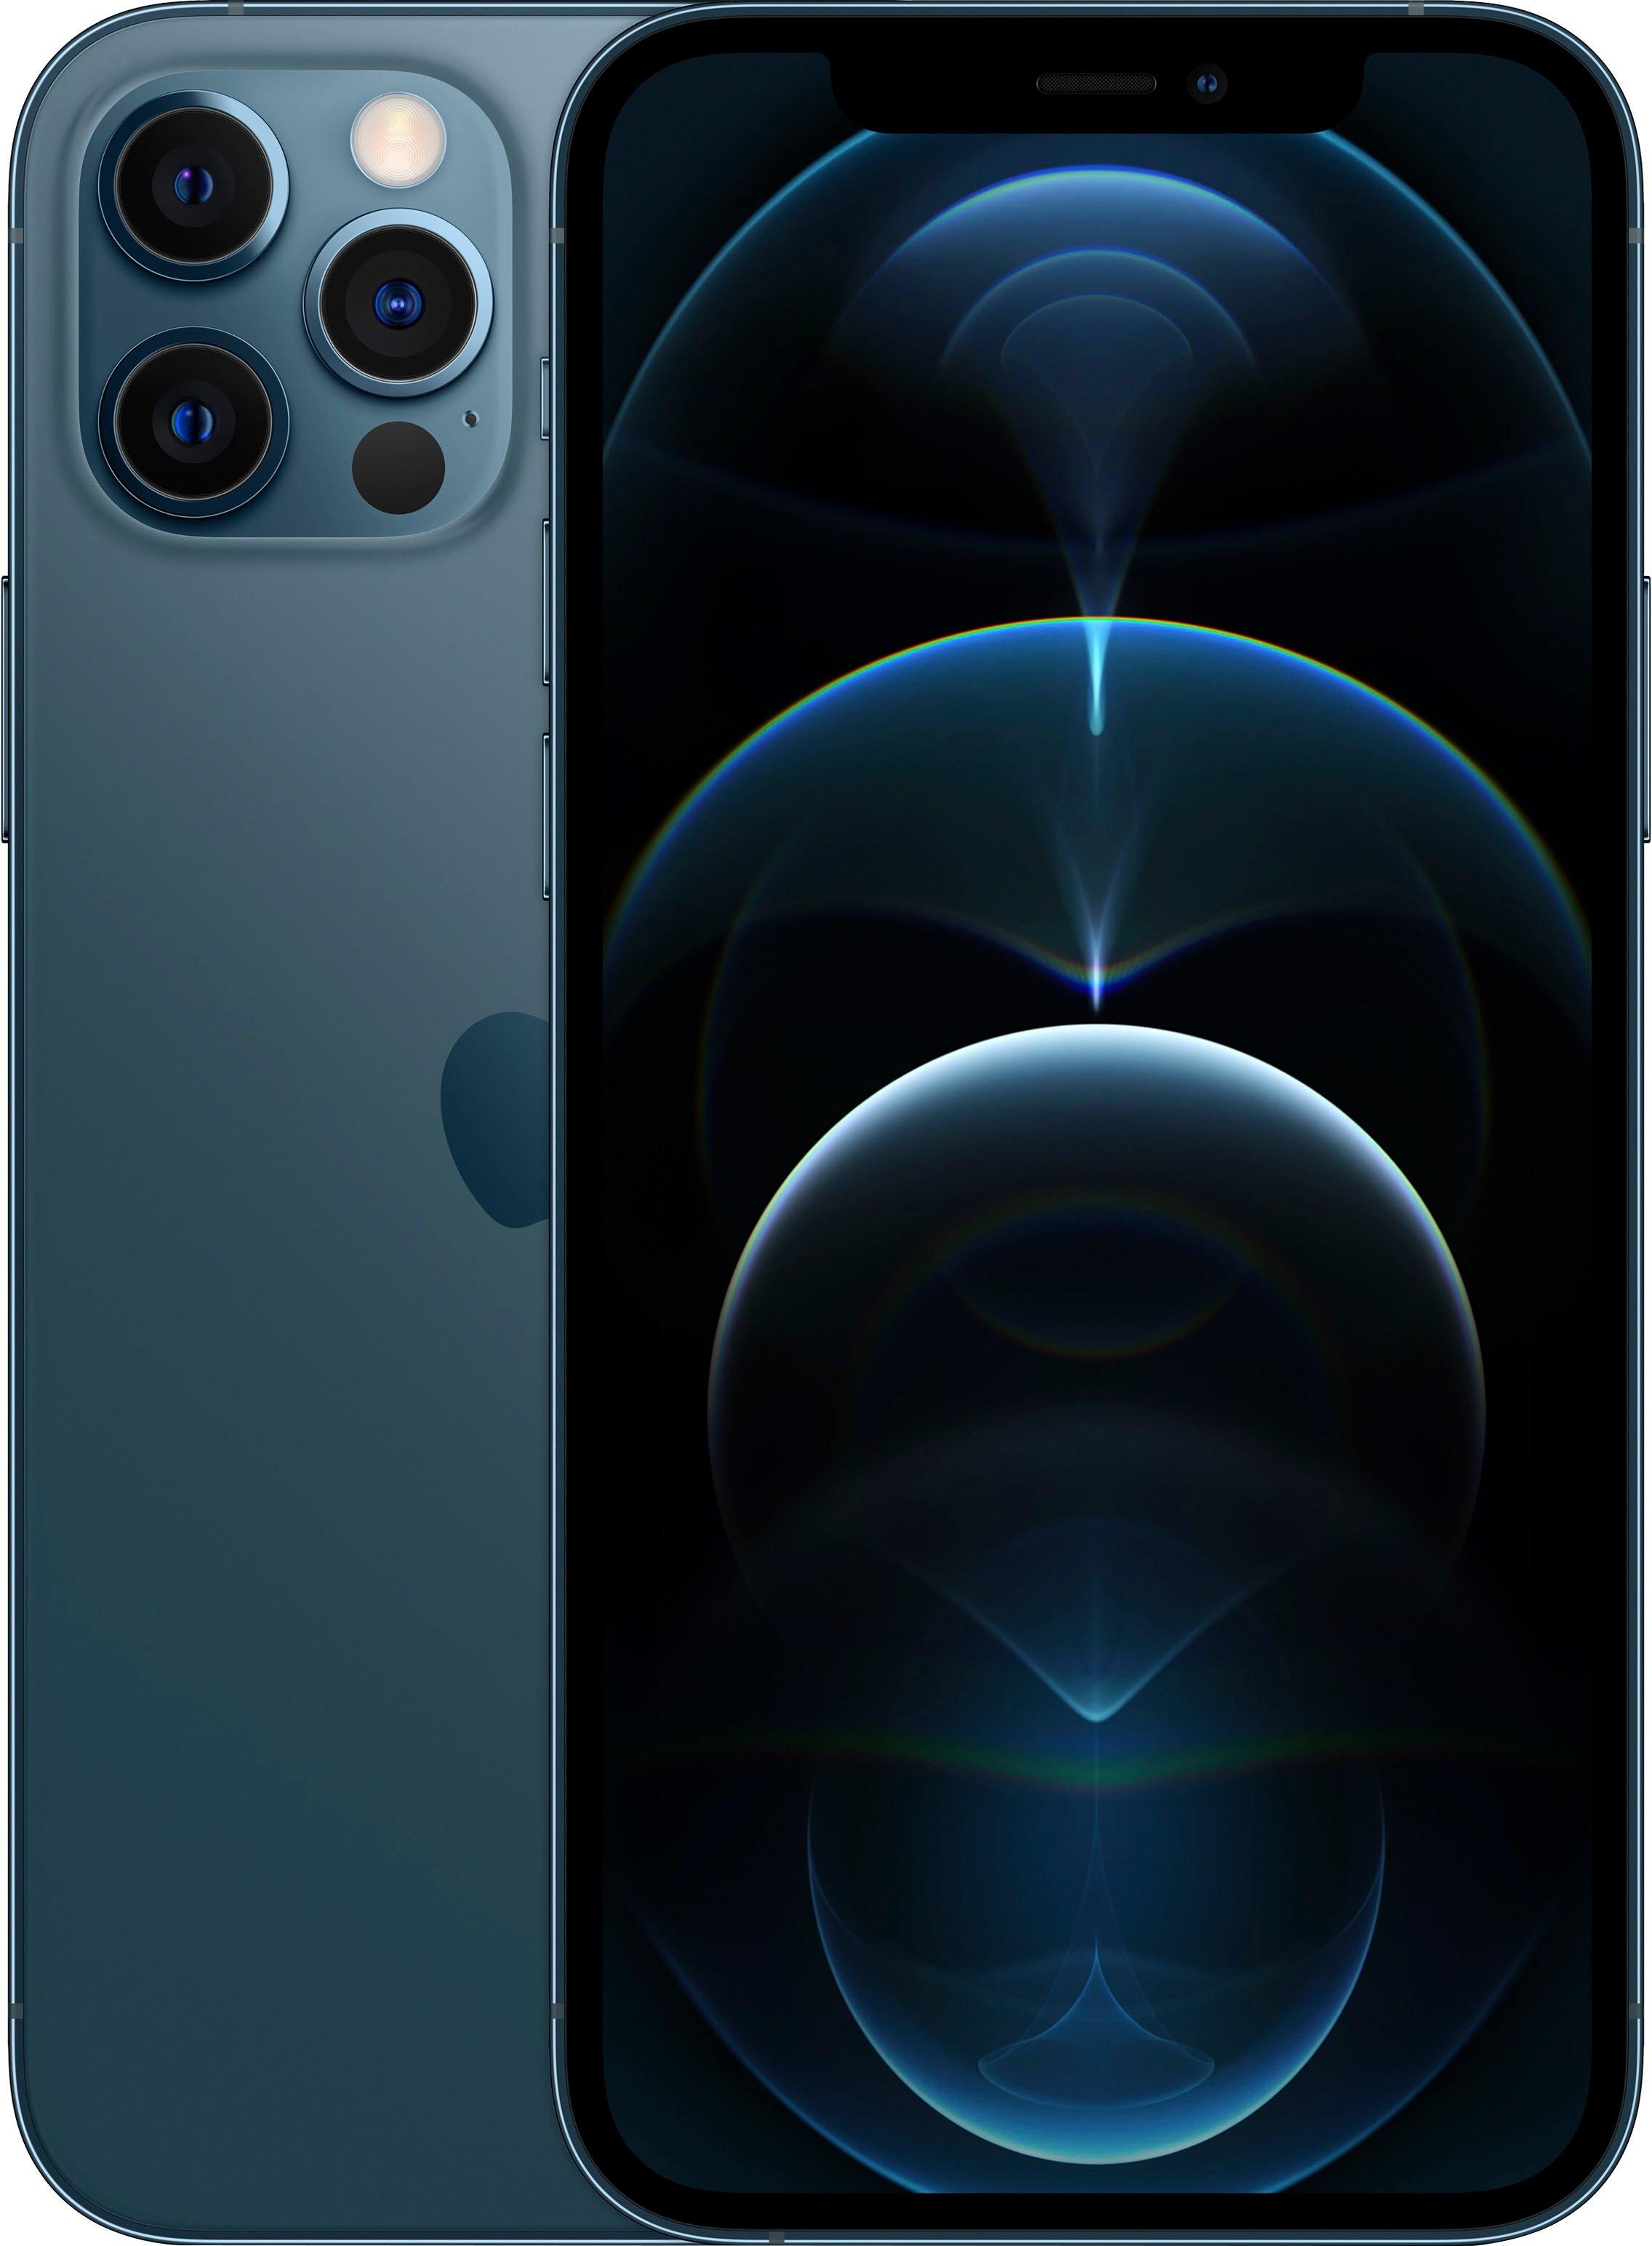 Apple smartphone IPhone 12 Pro, 256 GB, zonder stroom-adapter en hoofdtelefoon, compatibel met airpods, airpods pro, earpods hoofdtelefoon bestellen: 30 dagen bedenktijd